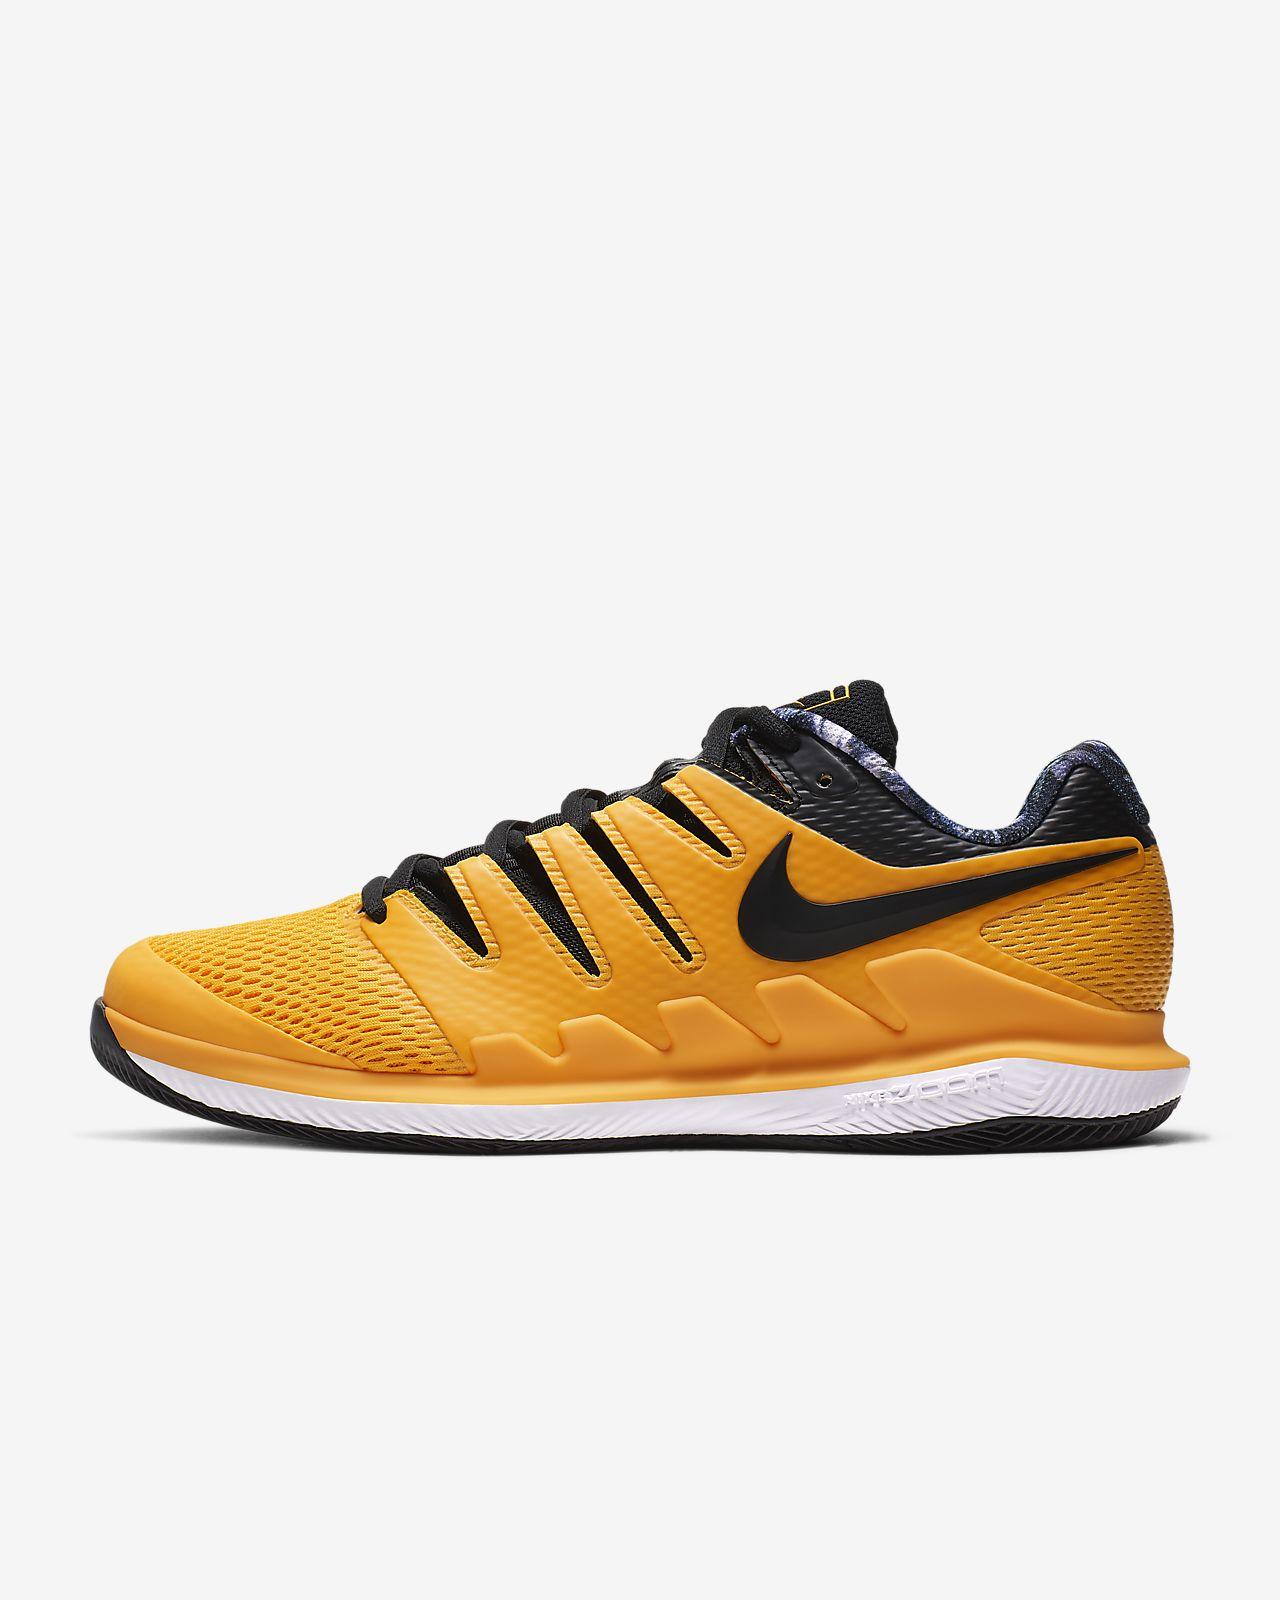 Pánská tenisová bota NikeCourt Air Zoom Vapor X na tvrdý povrch